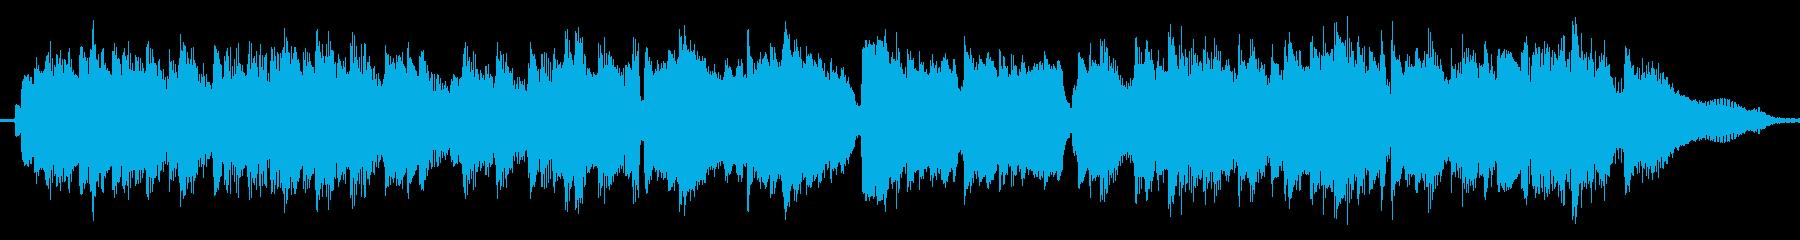 クラシックギターの定番の曲の再生済みの波形